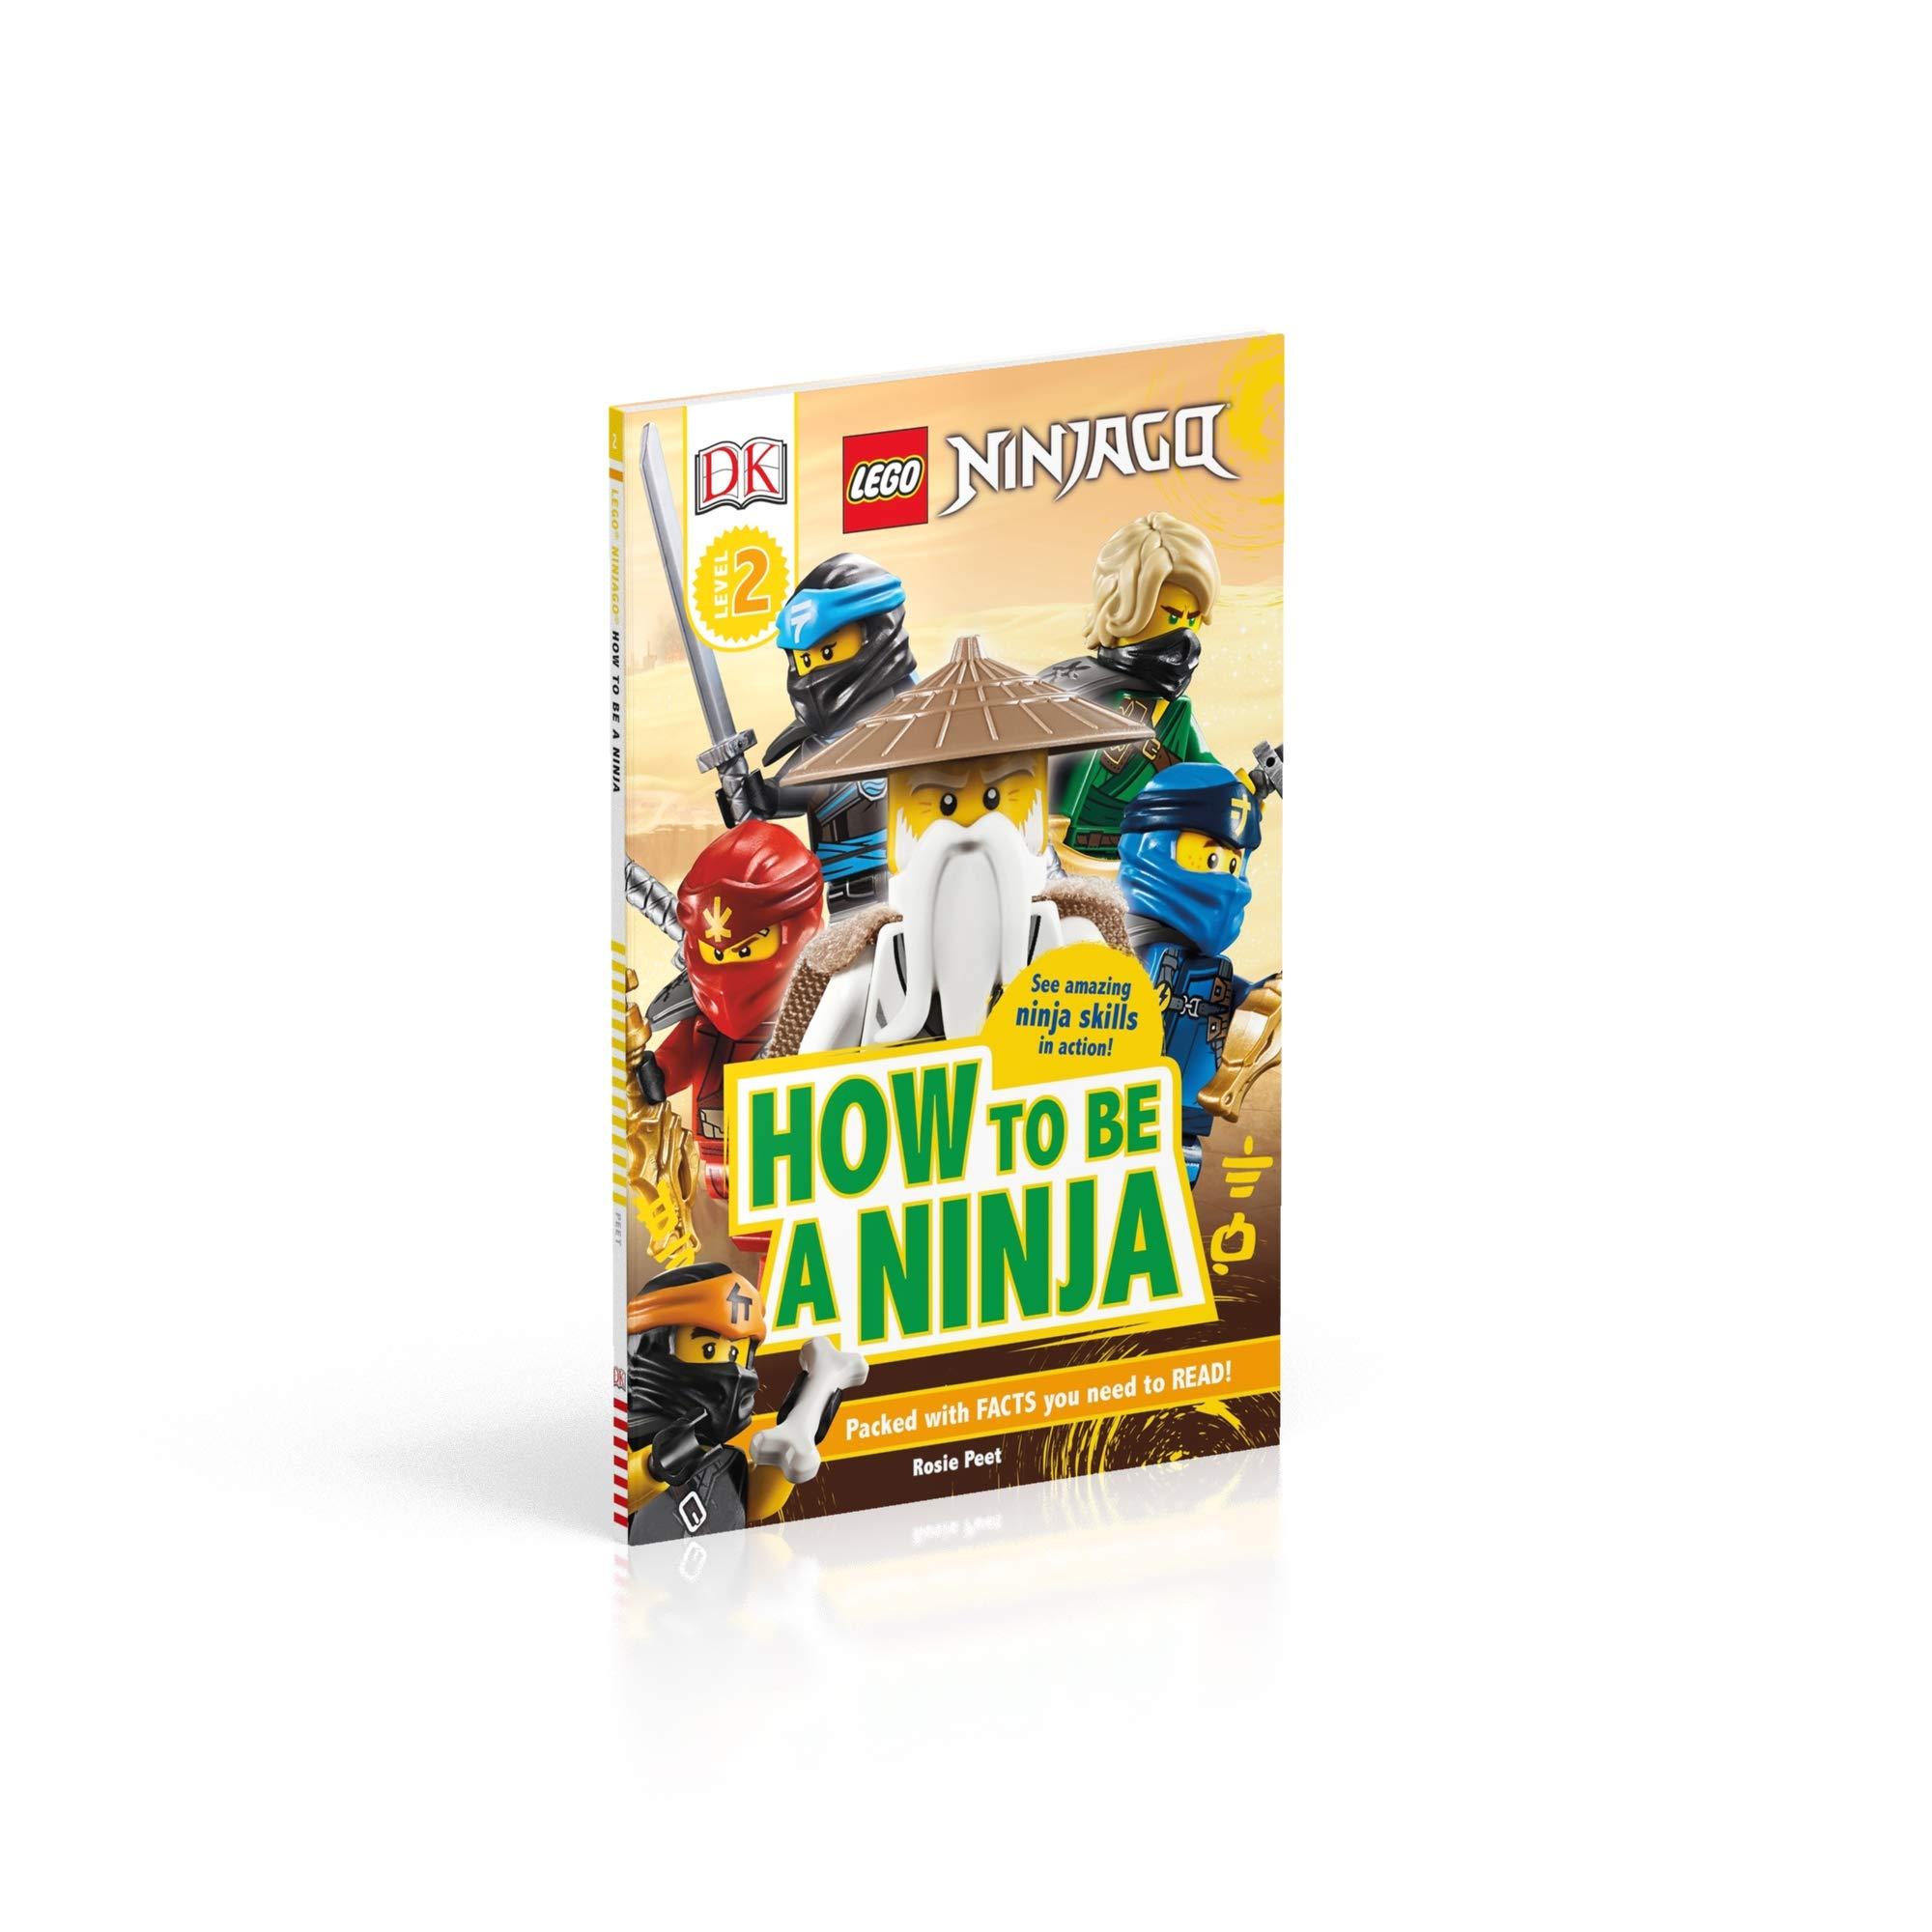 Amazon.com: LEGO NINJAGO How To Be A Ninja (DK Readers Level ...